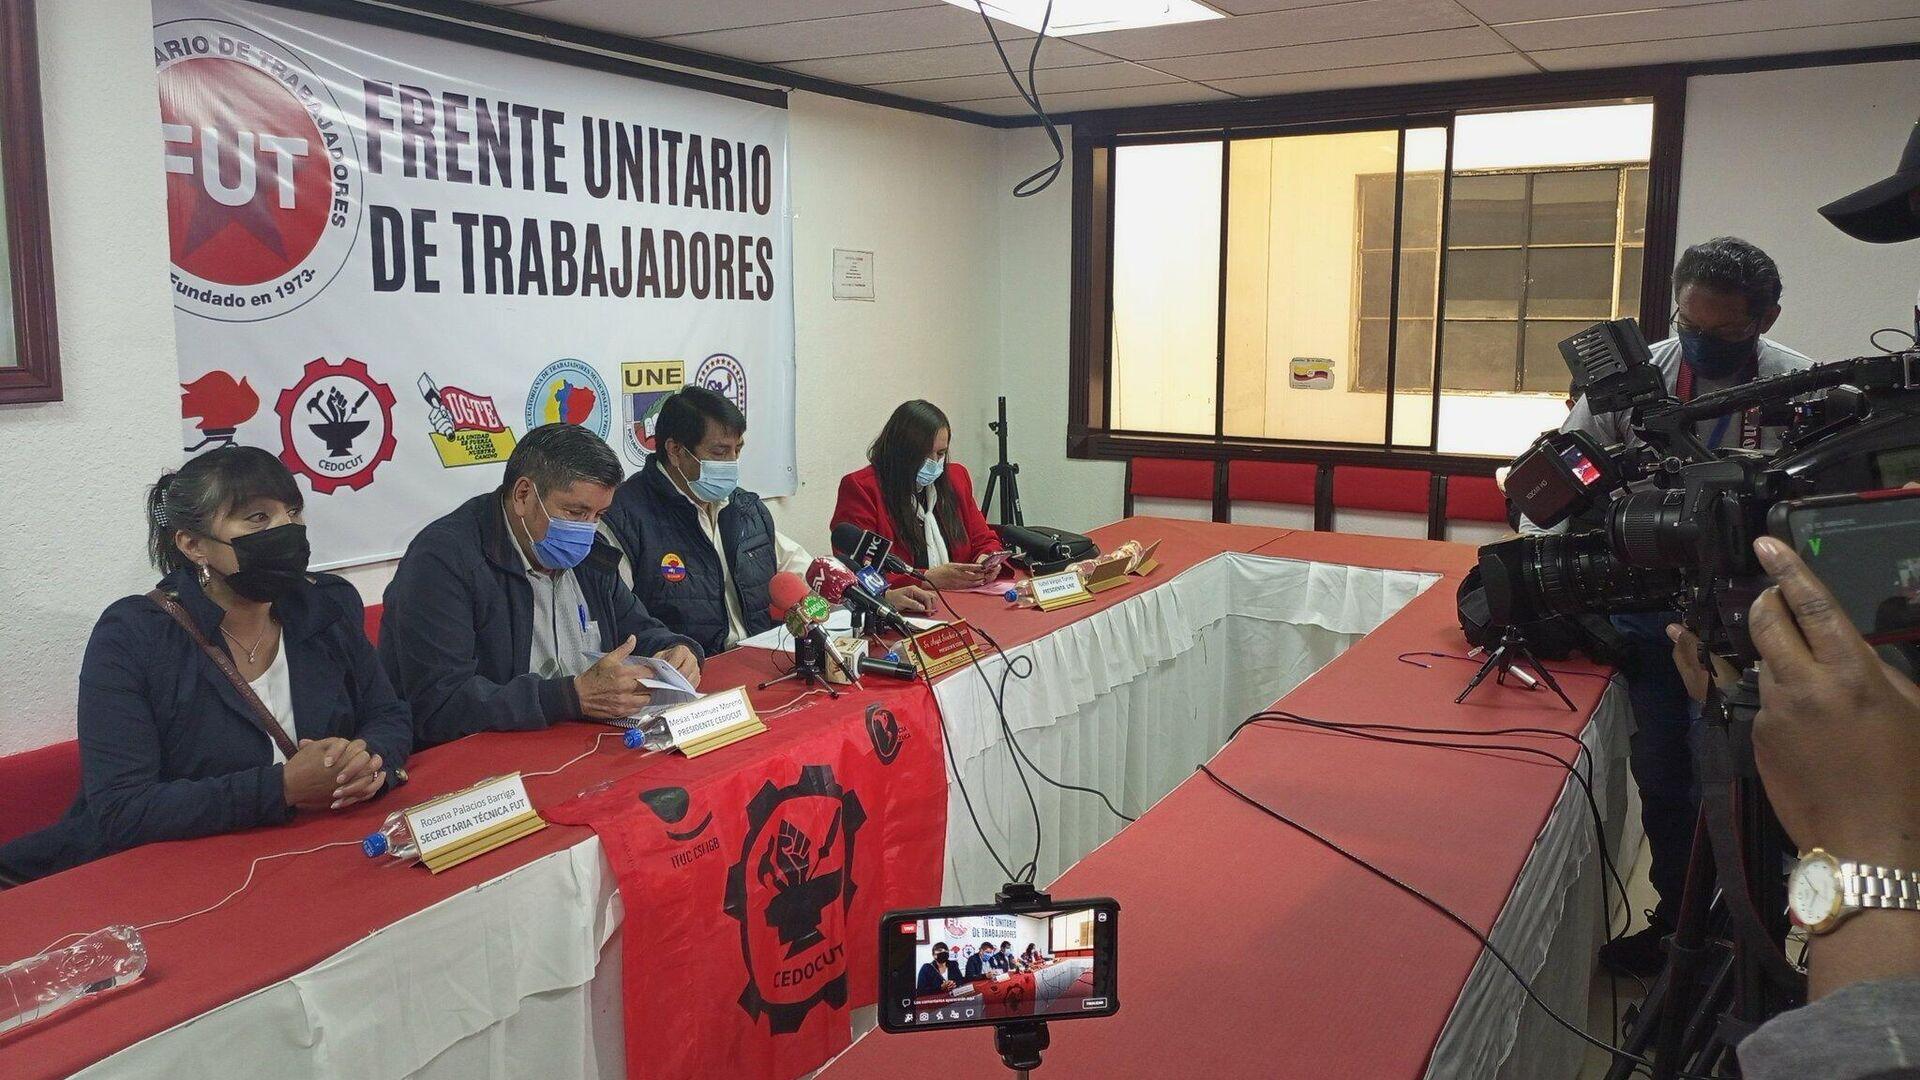 Frtente Unitario de Trabajadores de Ecuador - Sputnik Mundo, 1920, 28.09.2021